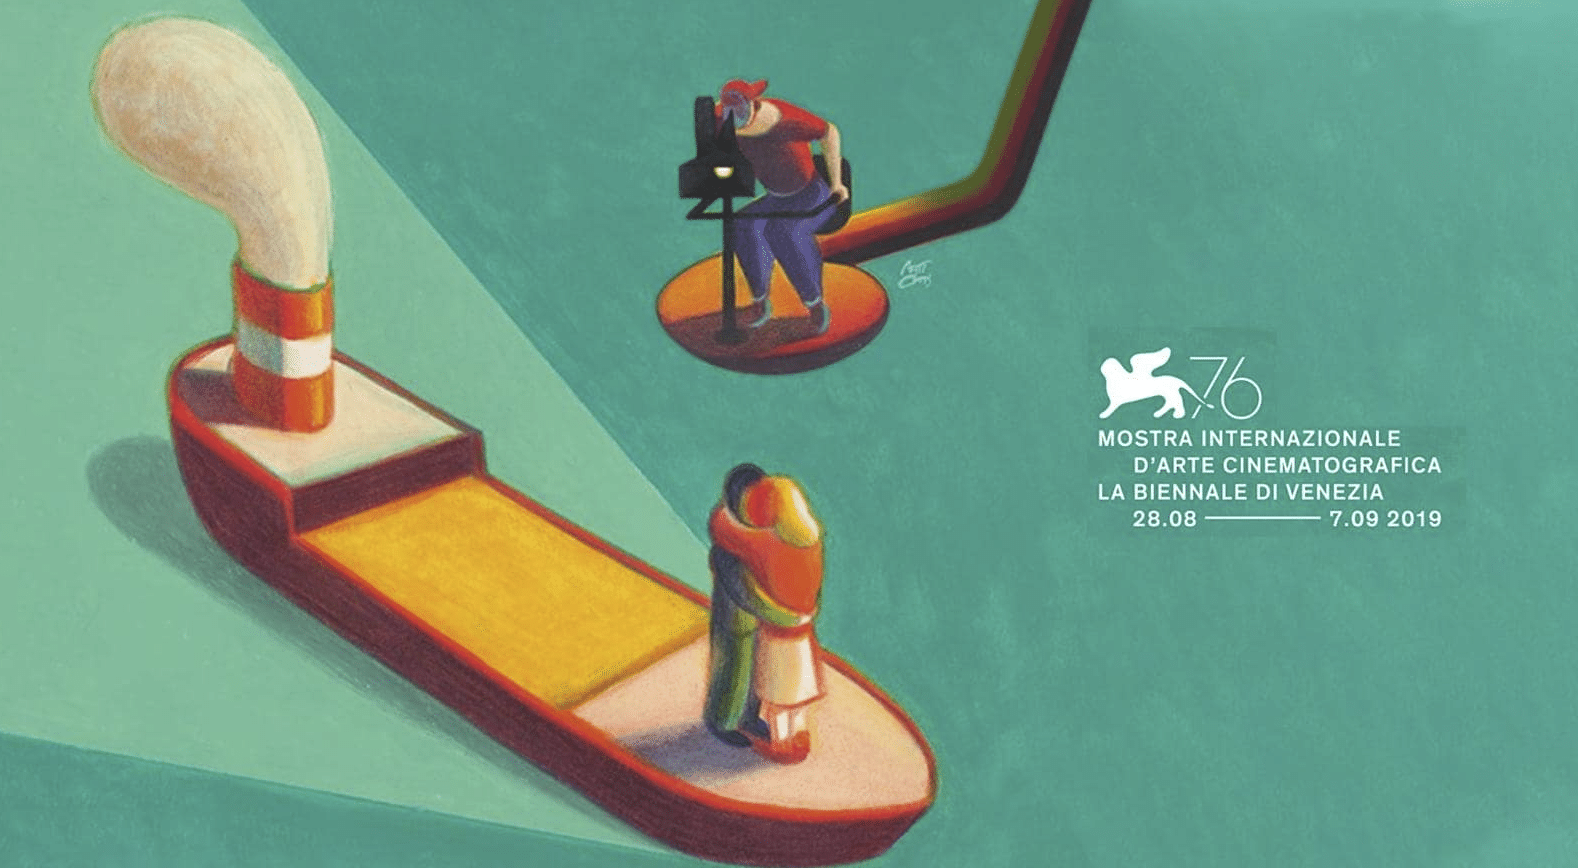 Mostra del cinema di Venezia 2019